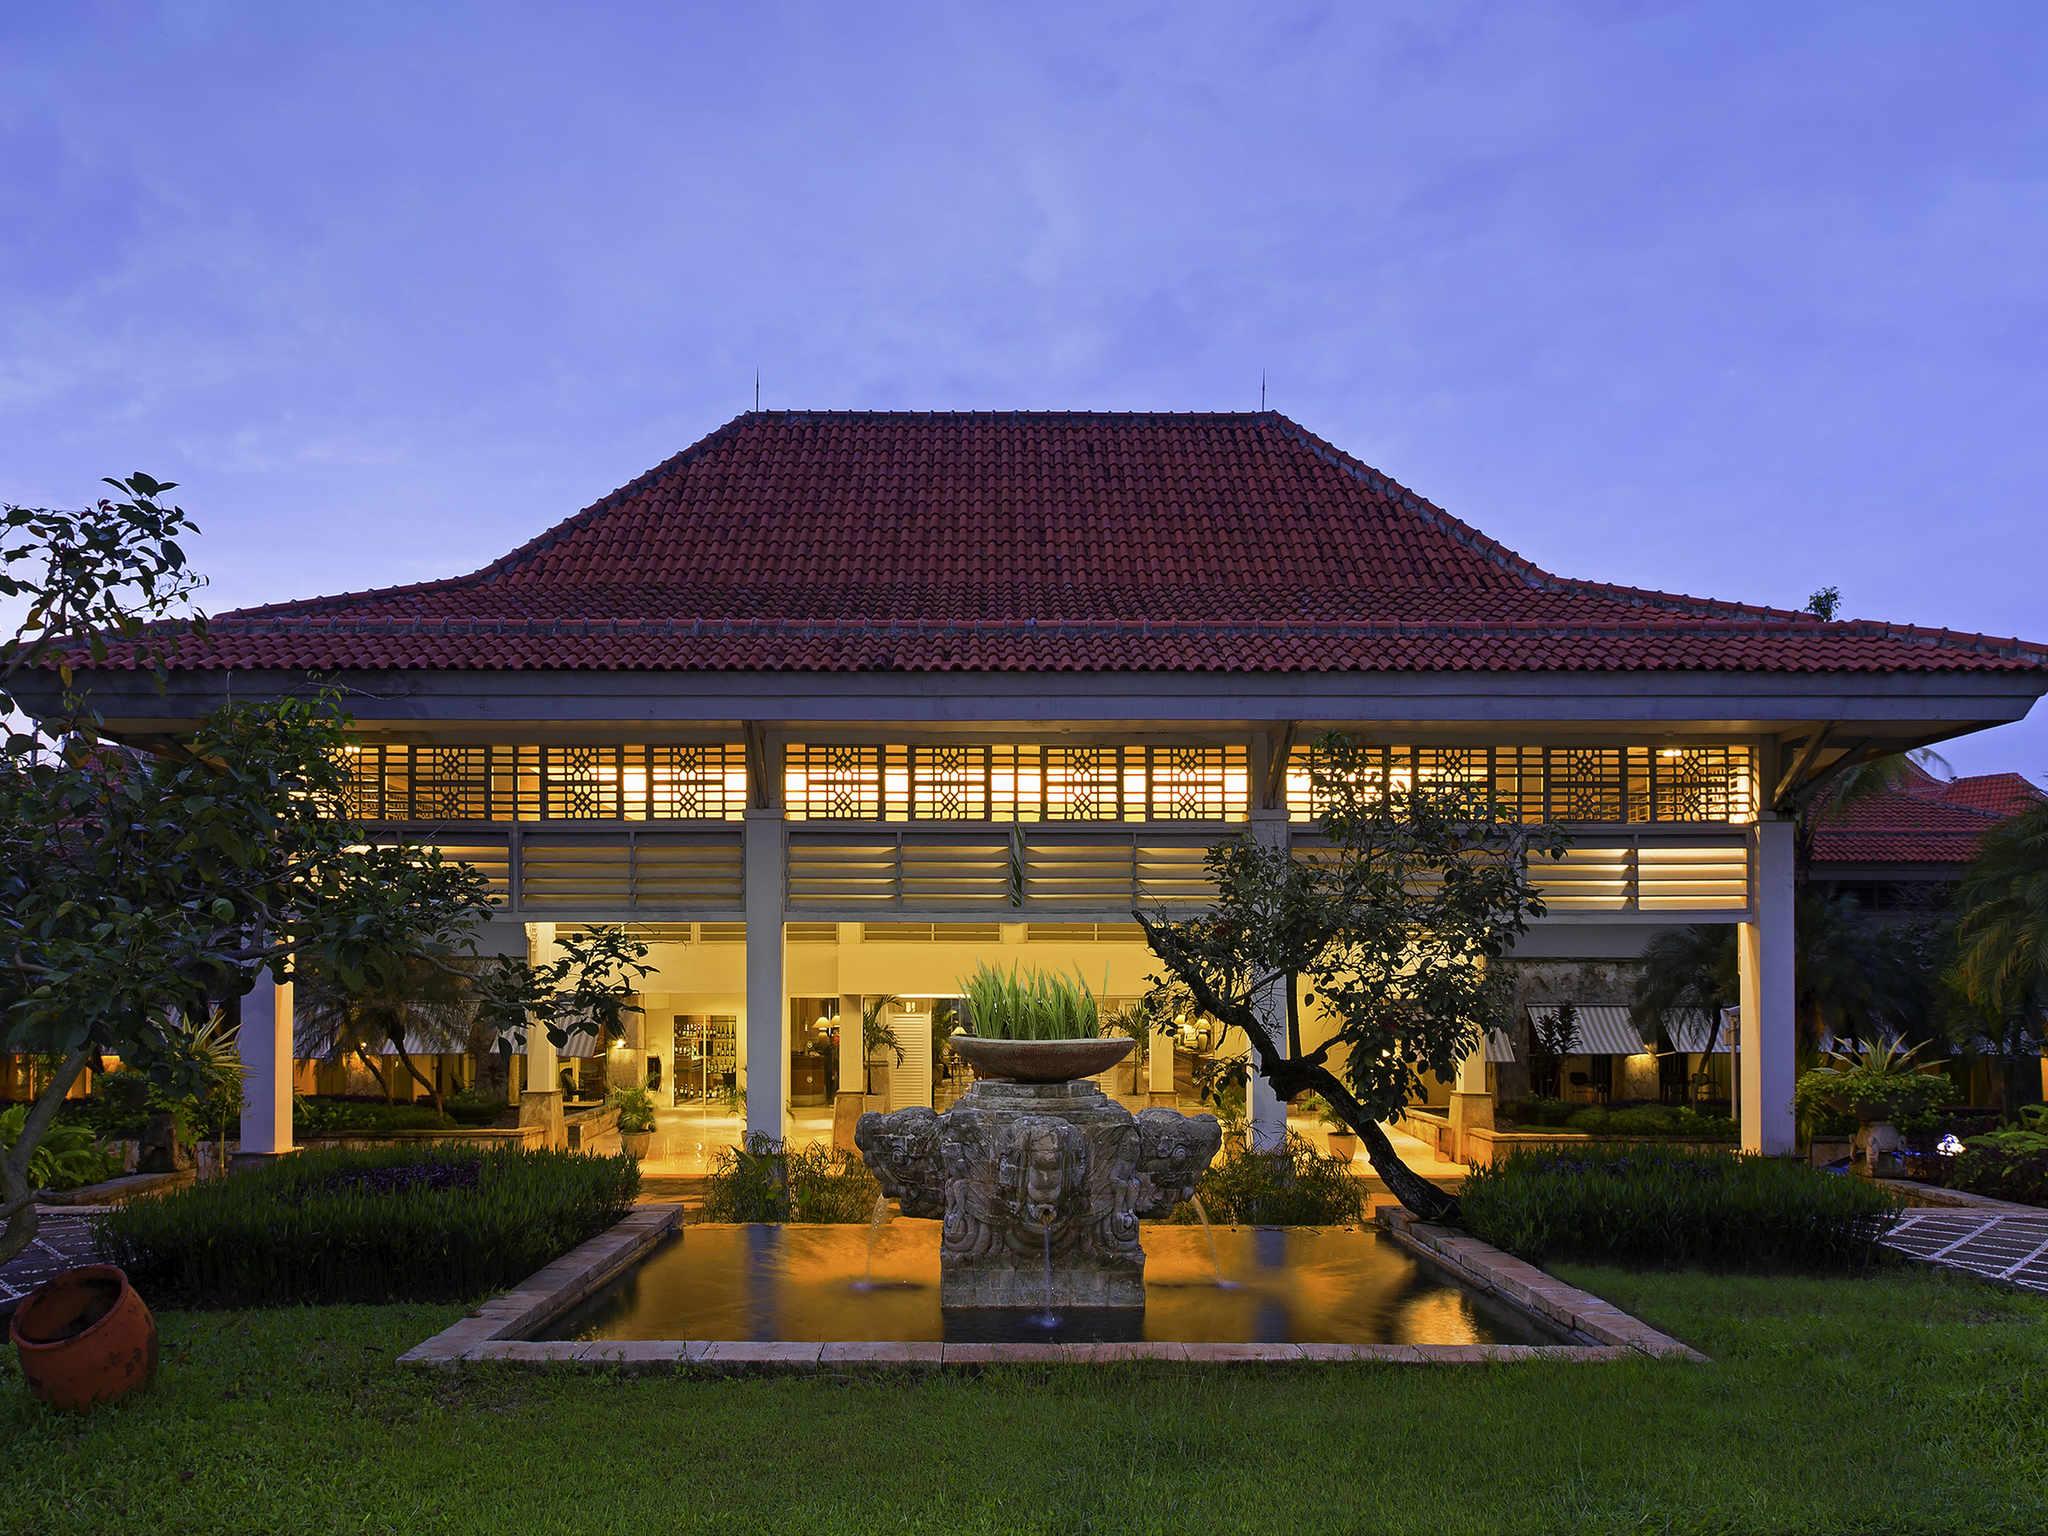 Hôtel - Bandara International Hotel managed by AccorHotels